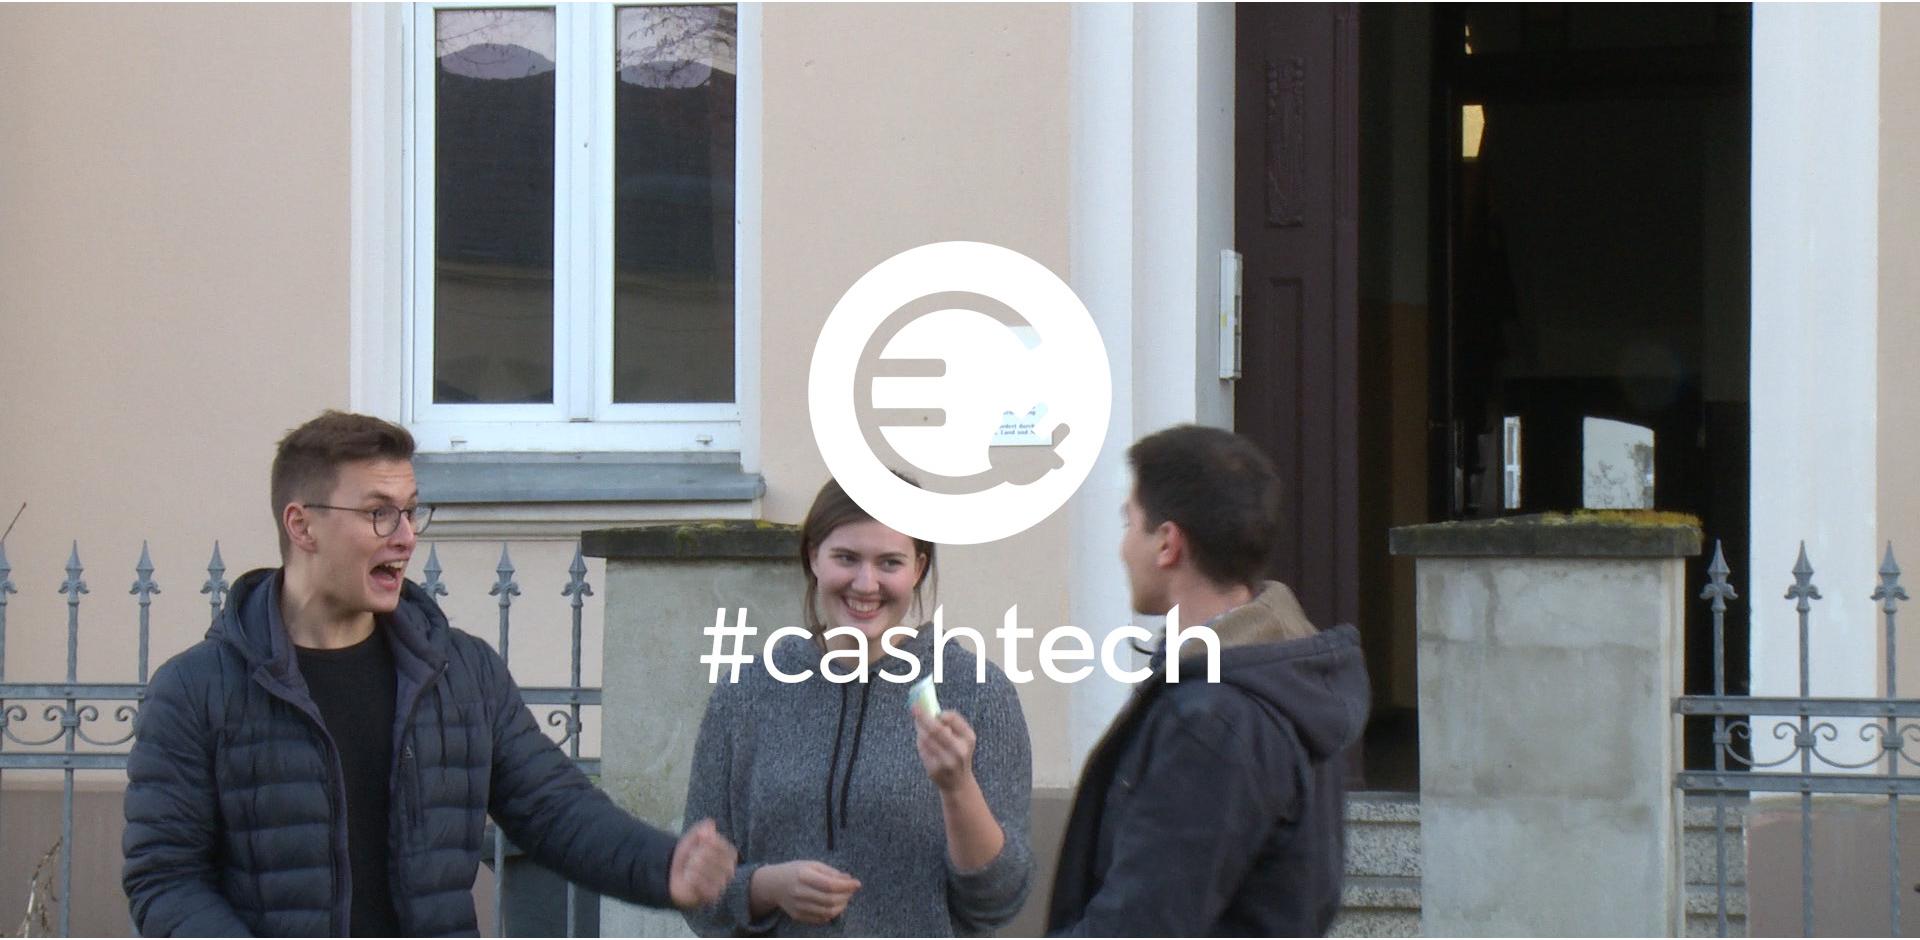 #cashtech